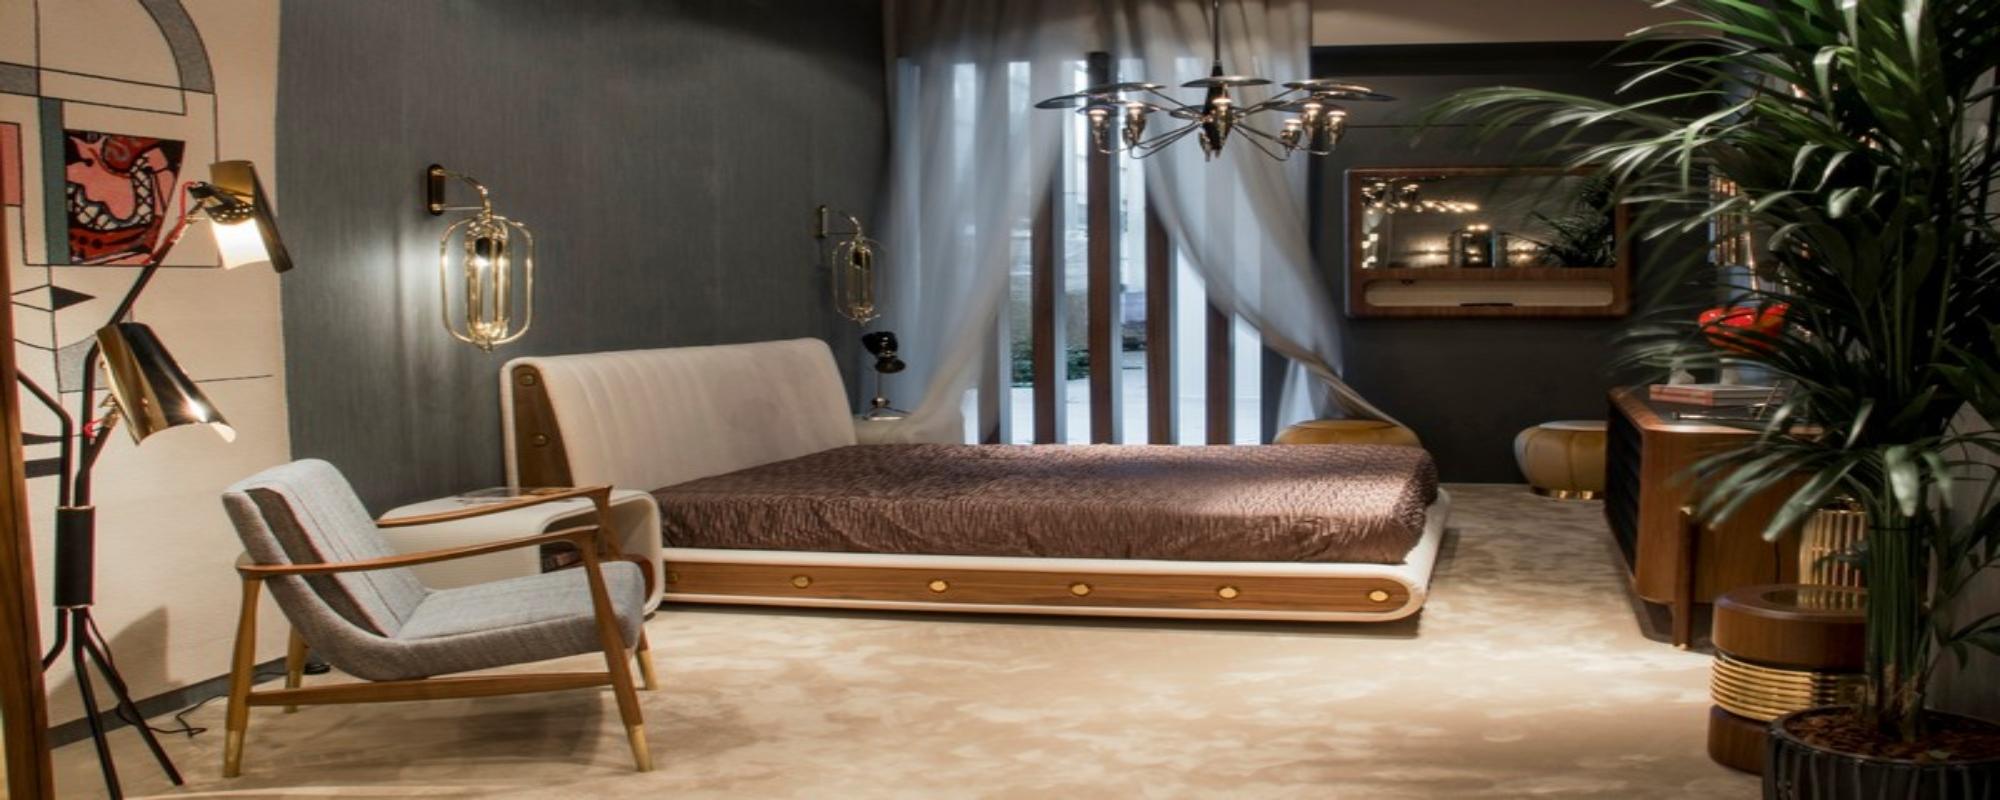 Diseño de Mobiliario: Tendencias y inspiraciónes para un proyecto lujuoso diseño de mobiliario Diseño de Mobiliario: Tendencias y inspiraciónes para un proyecto lujuoso Featured 8